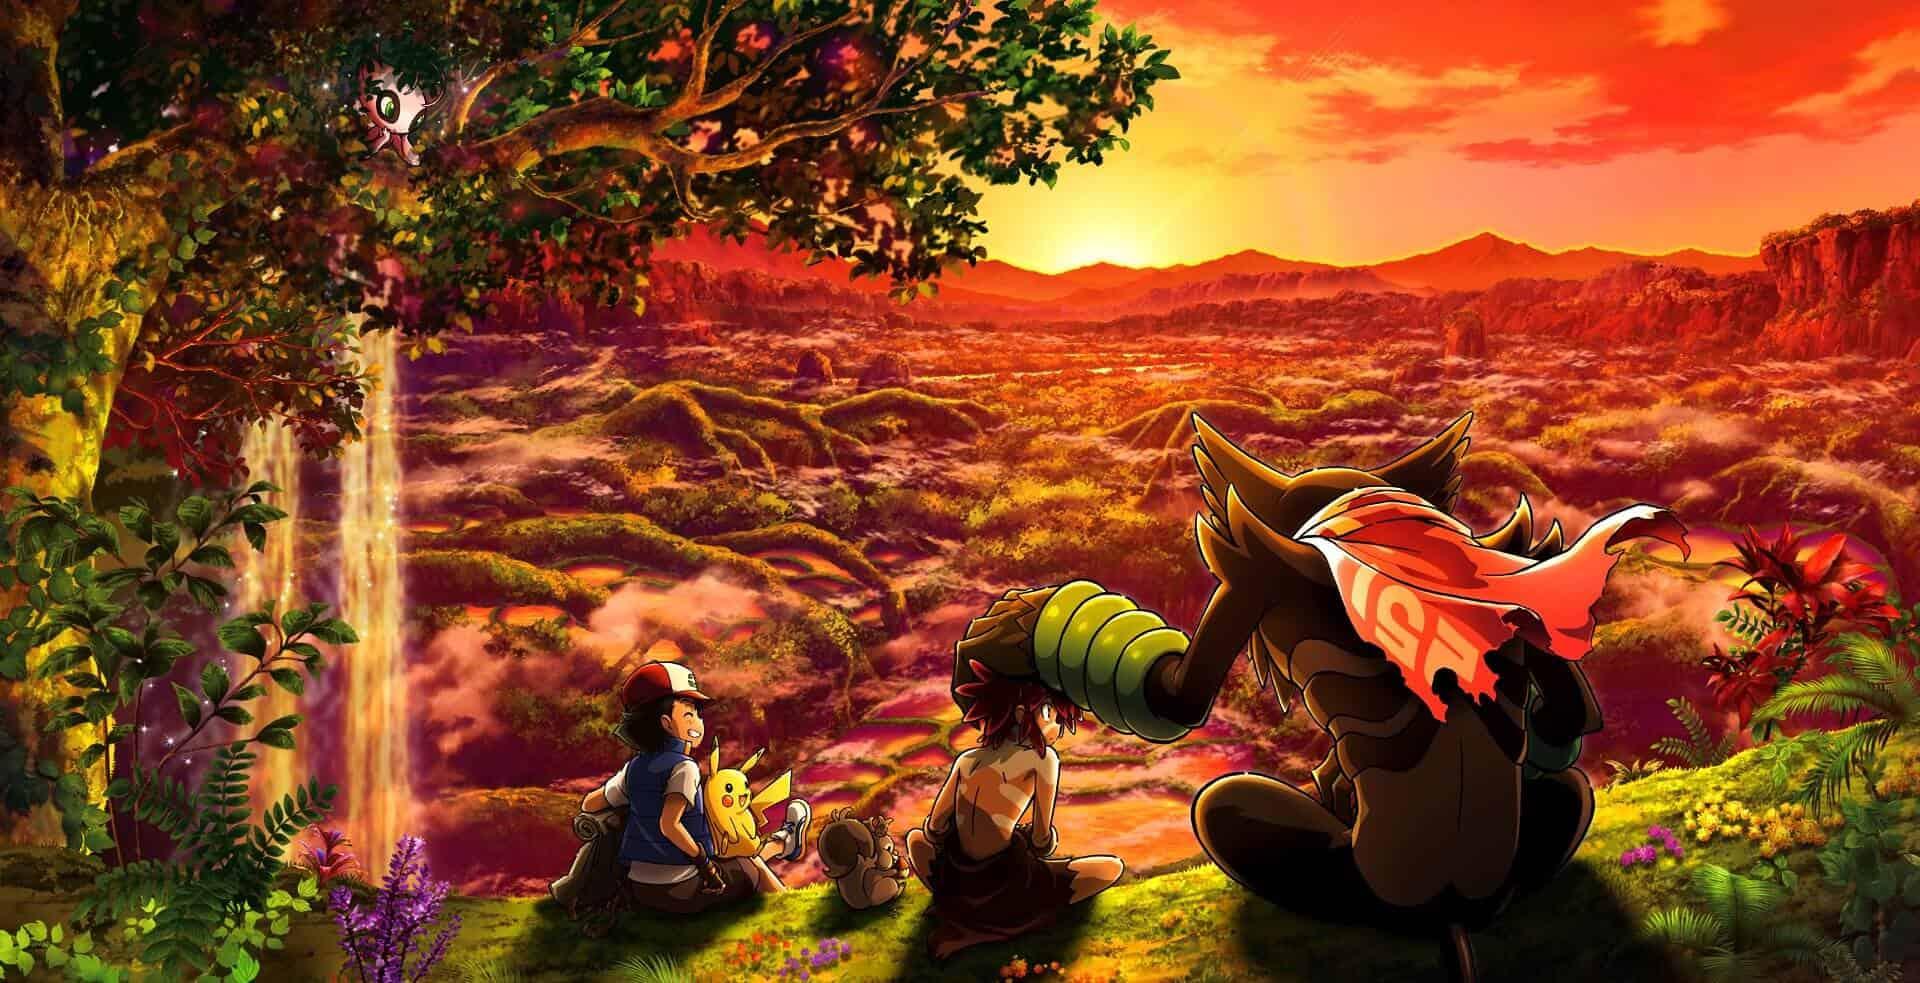 Ash Pikachu, Koko e Zarude descansando pokémon